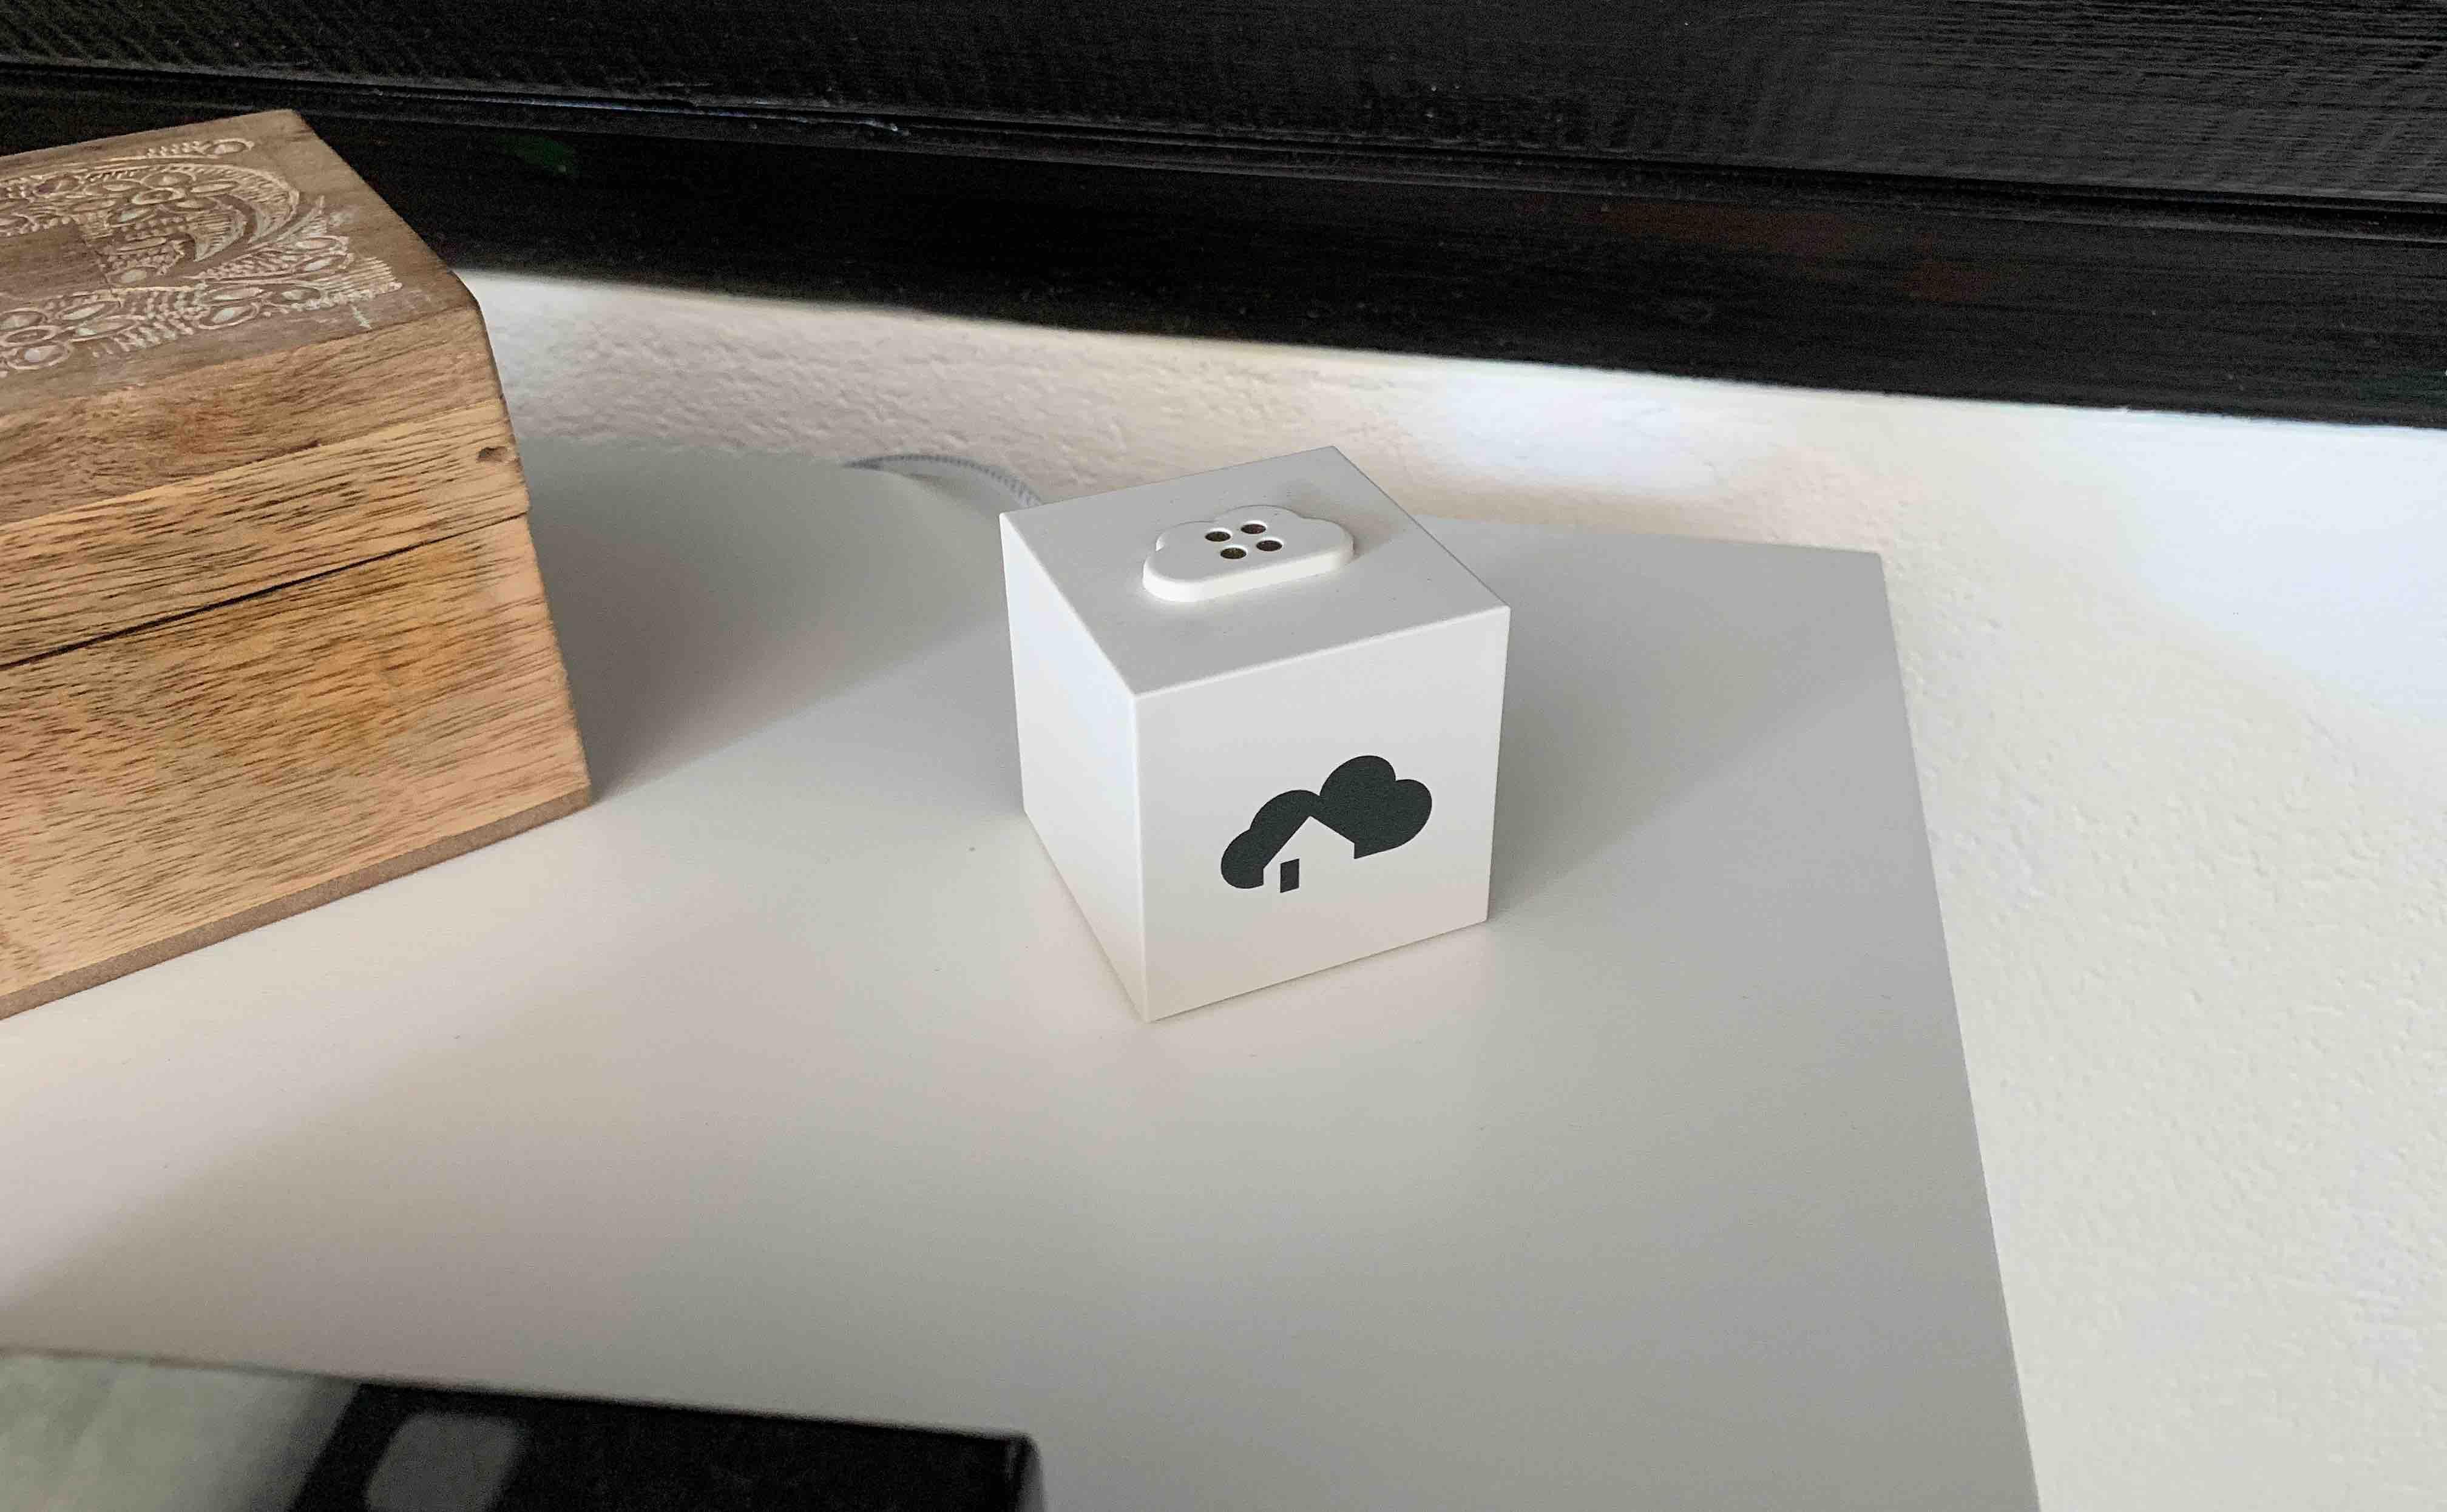 Im Test Die Modulare Homee Zentrale Etliche Smarthomeplattformen